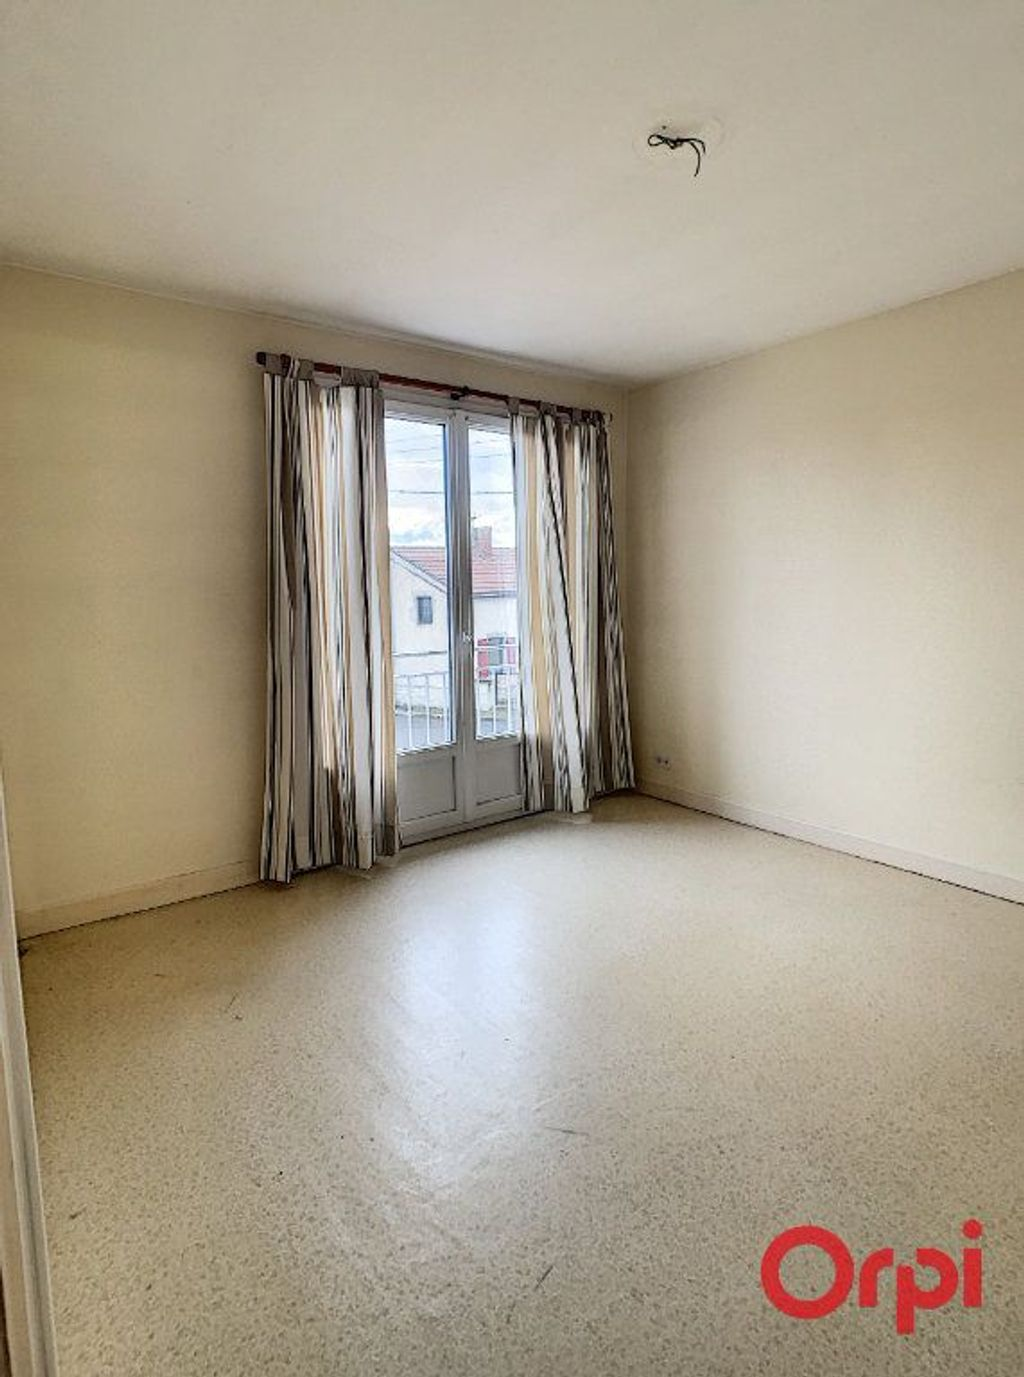 Achat appartement 2pièces 25m² - Gannat